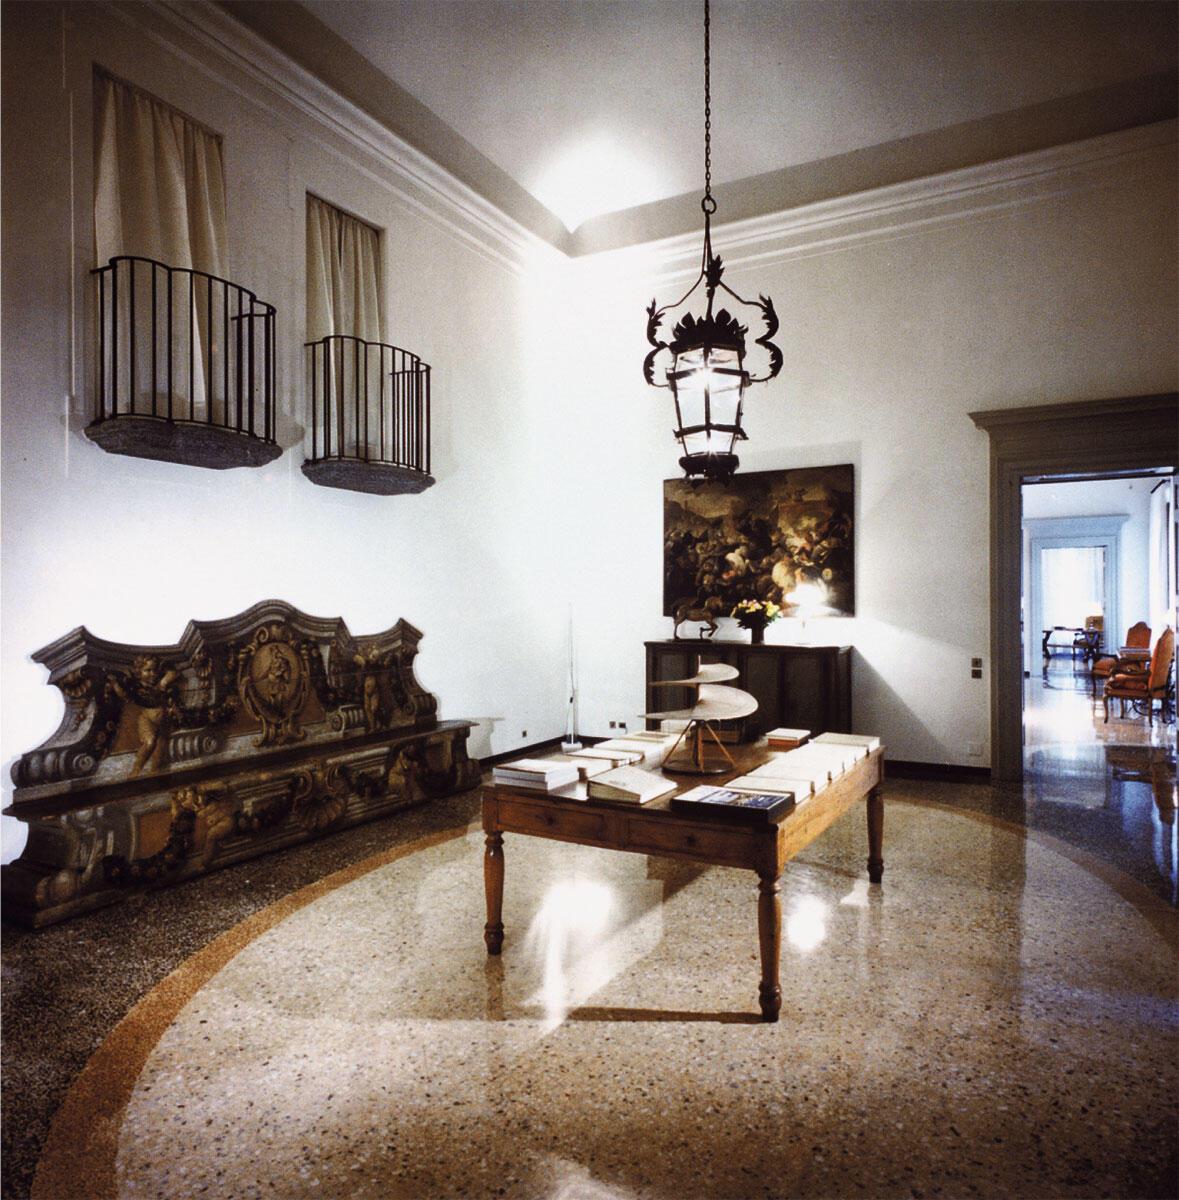 Für zwei der vier grossen Salons entwarf Caccia steinerne, von der oberen Ebene der Schlafzimmer zugängliche Balkone. Deren Details waren im Ursprung barock; der geübte Blick konnte aber leicht erkennen, dass sie nie als direkte Imitationen des Alten gelten konnten.